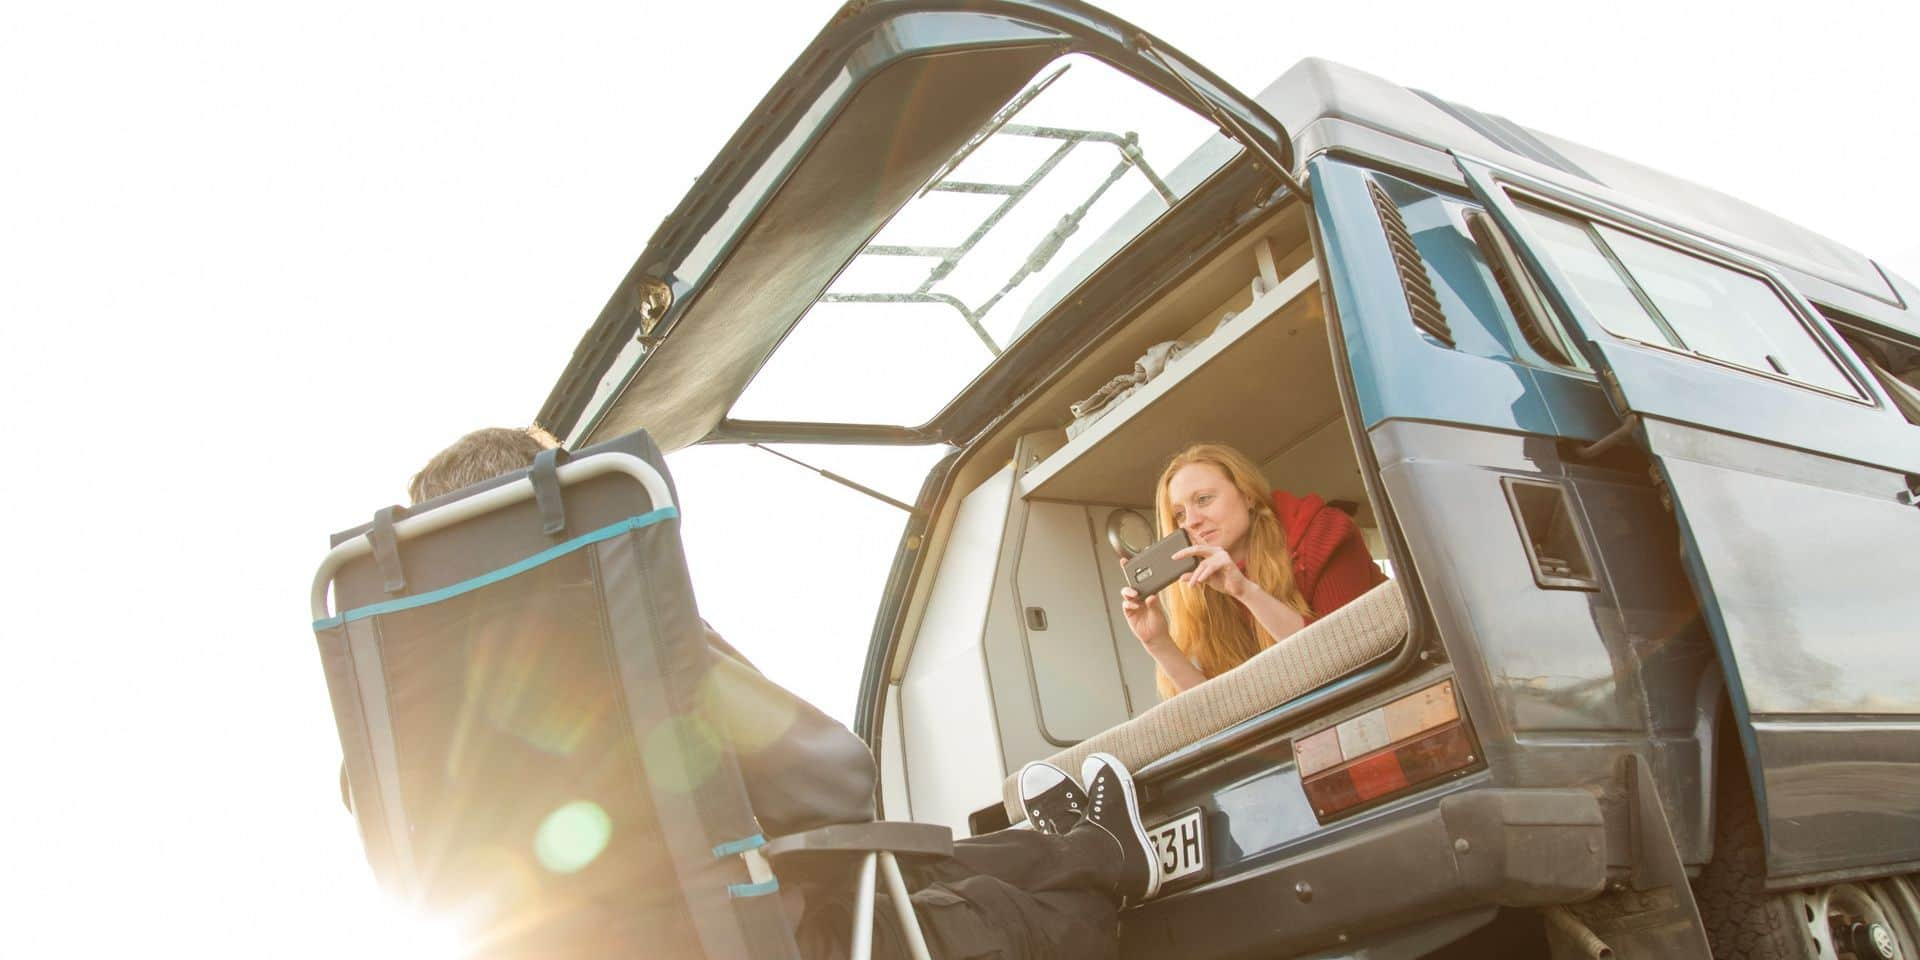 Vacances en toute liberté : c'est la ruée sur les vans et motorhomes !